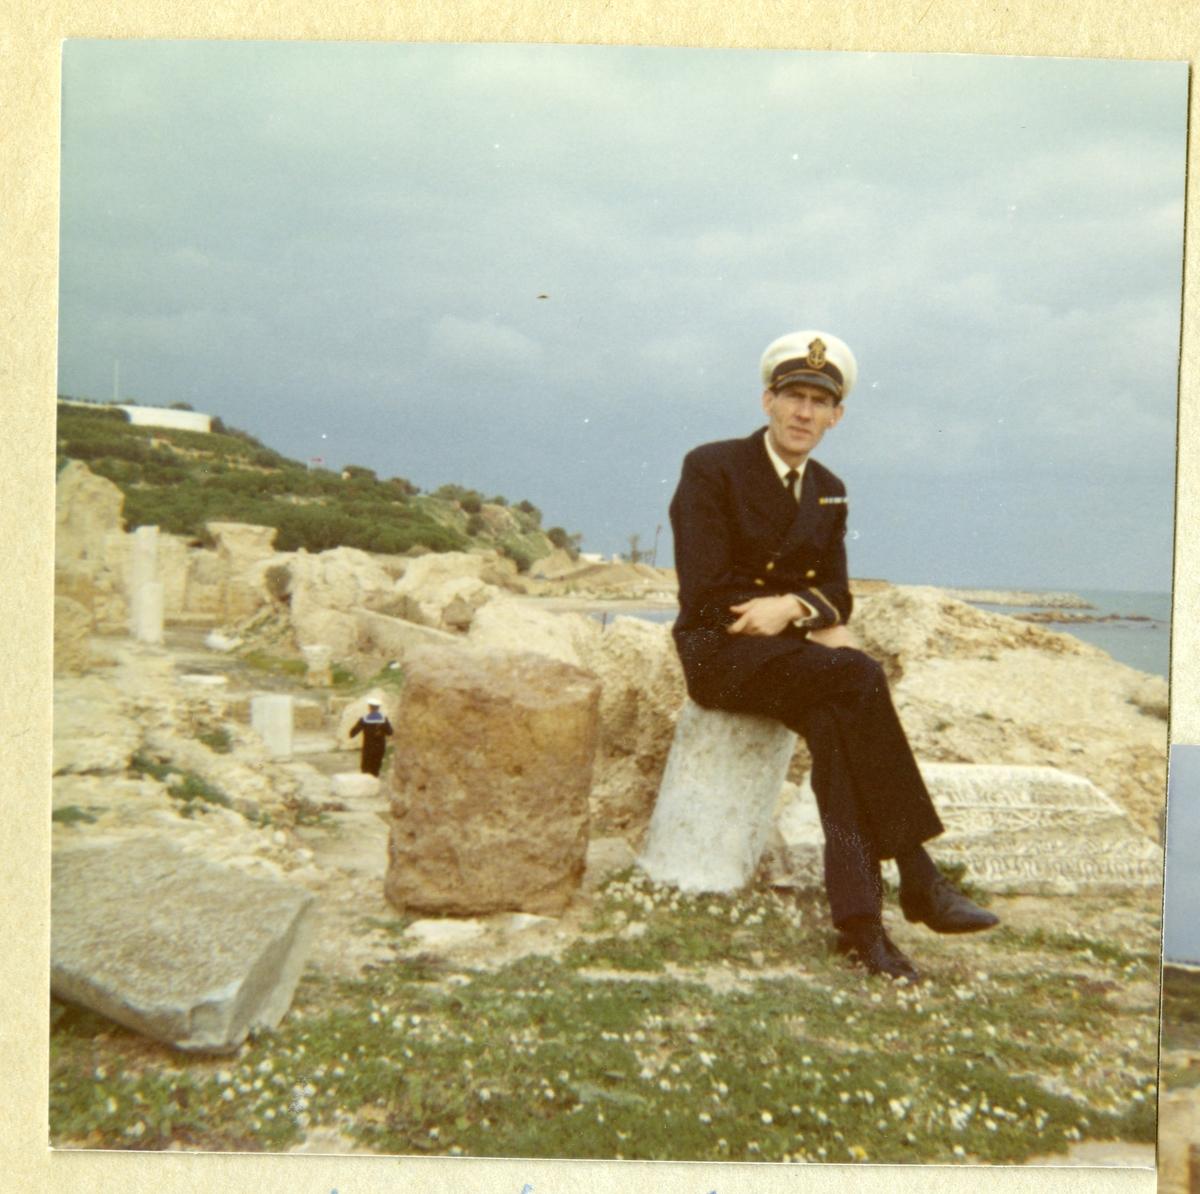 Bilden föreställer Oskar Linde iklädd uniform sittande bland ruinerna av Kartago i samband med minfartyget Älvsnabbens långresa 1966-1967.